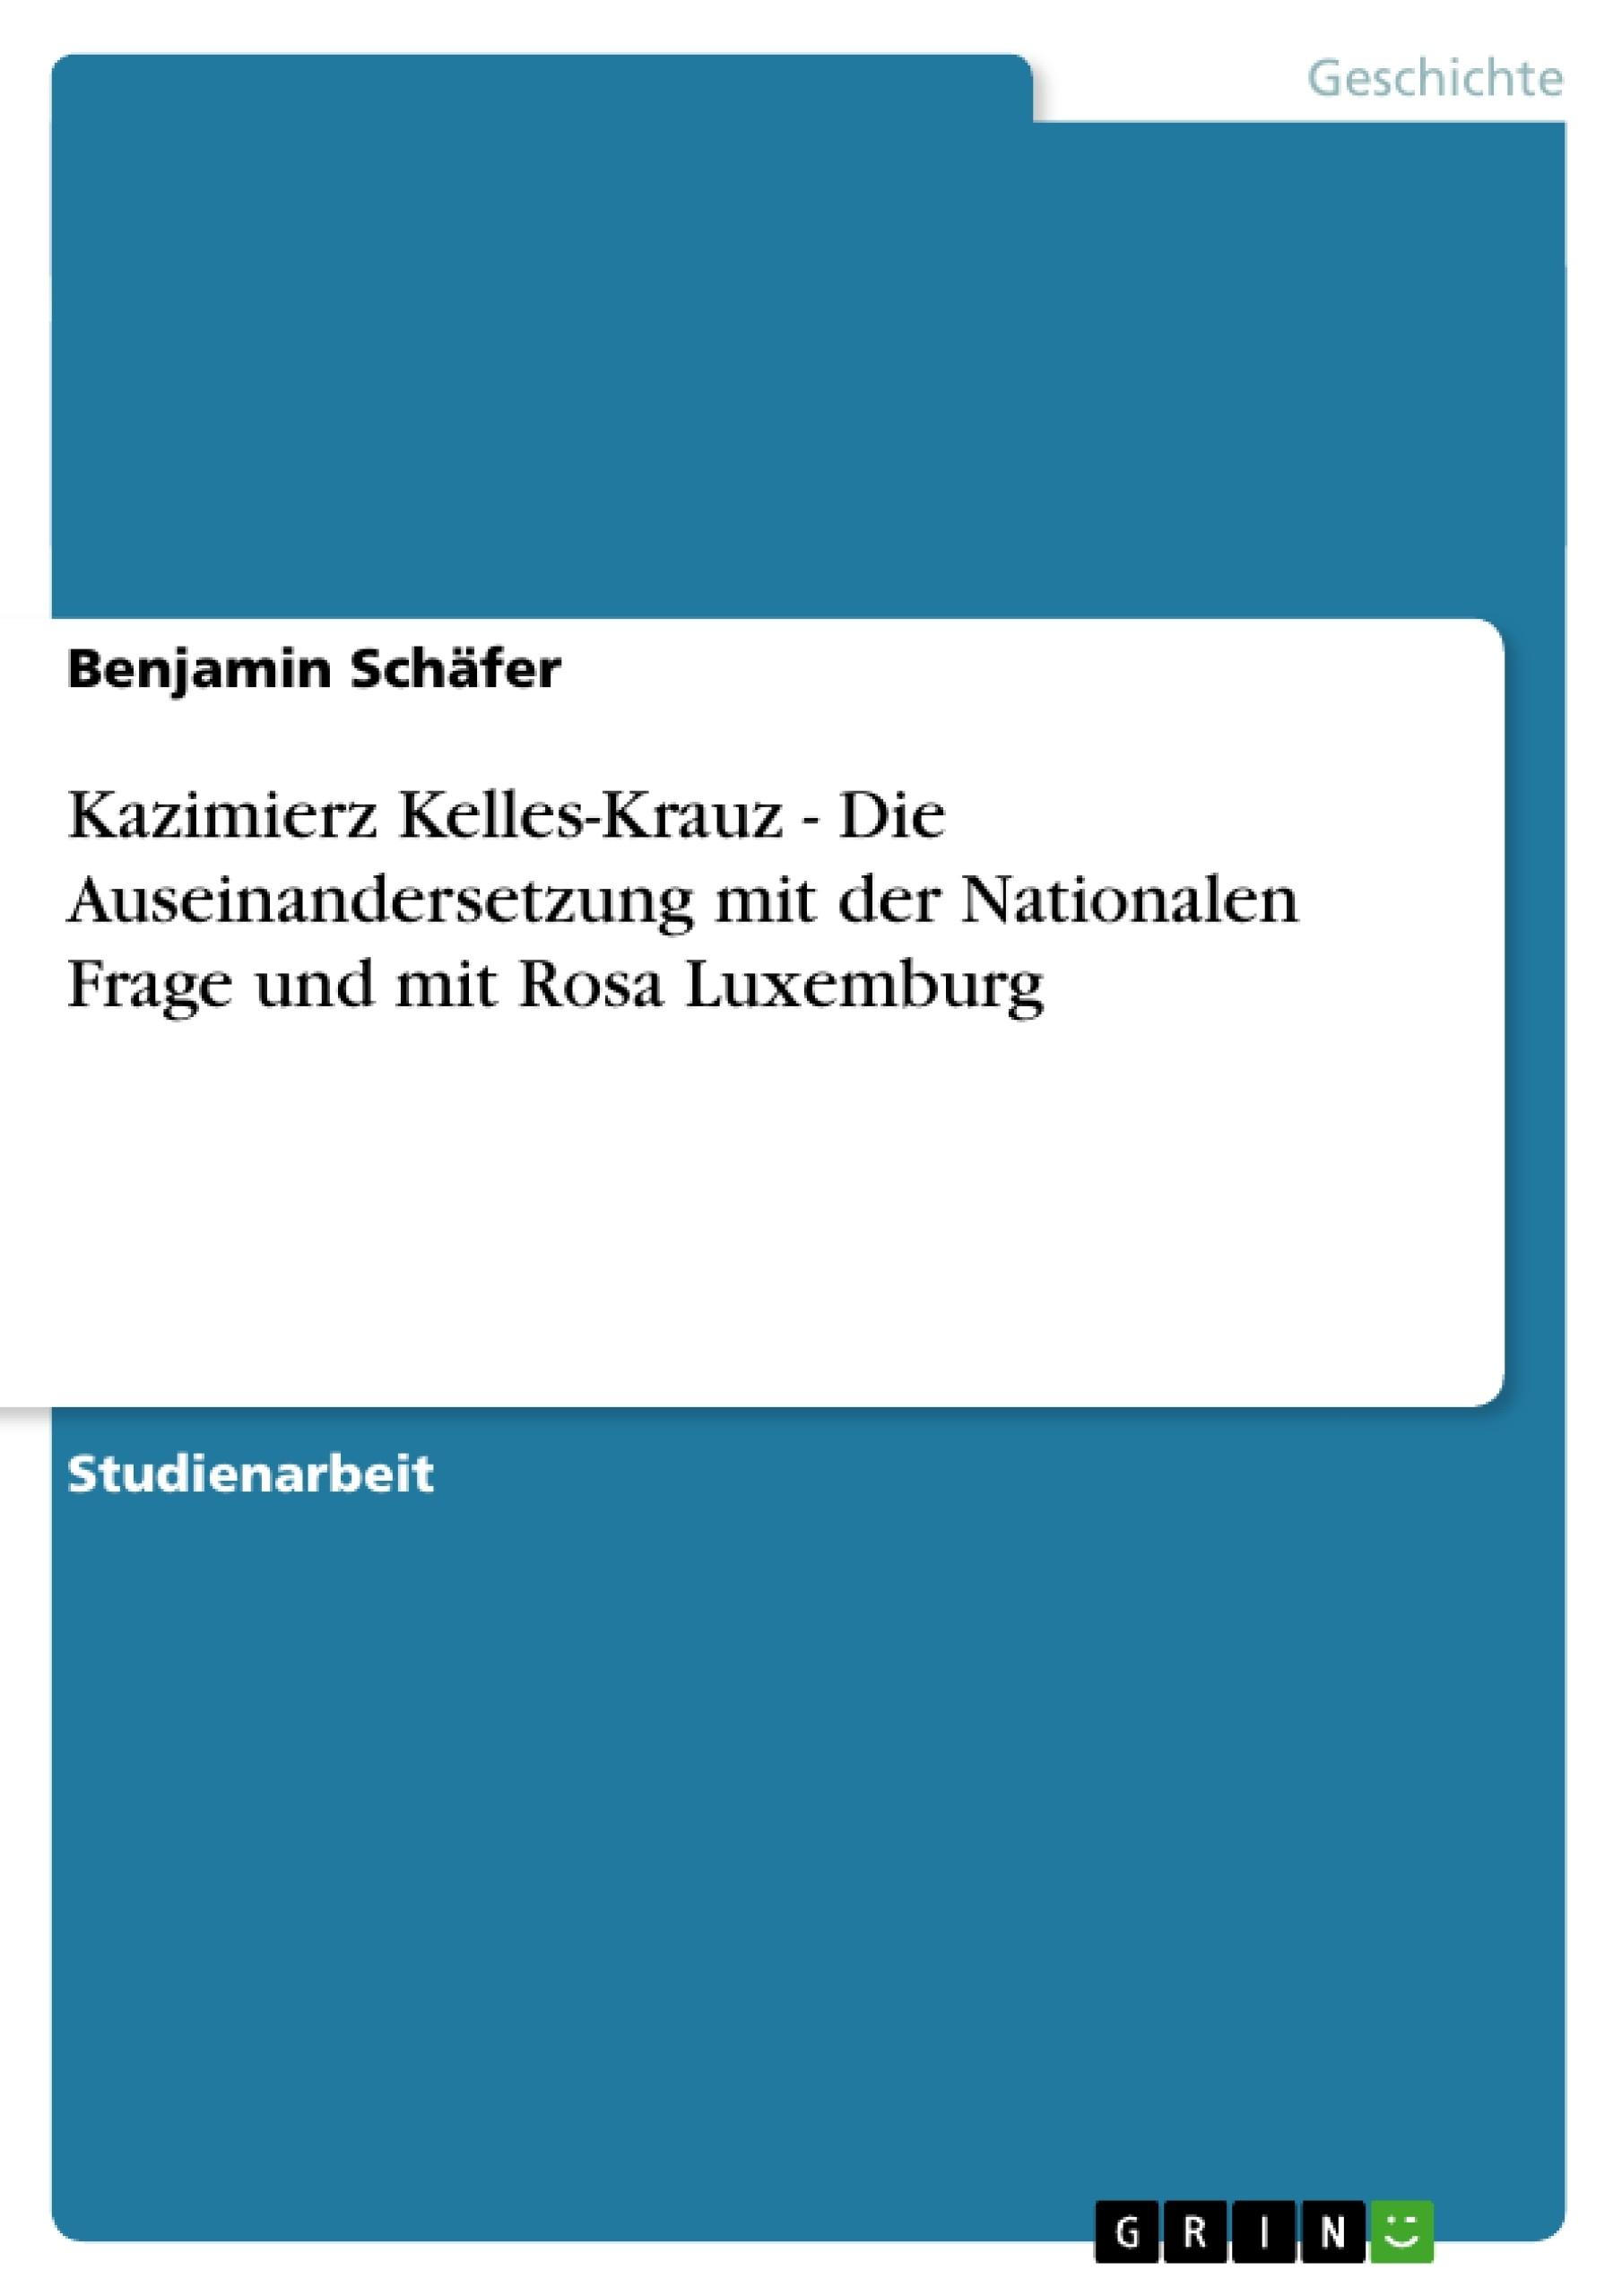 Titel: Kazimierz Kelles-Krauz - Die Auseinandersetzung mit der Nationalen Frage und mit Rosa Luxemburg